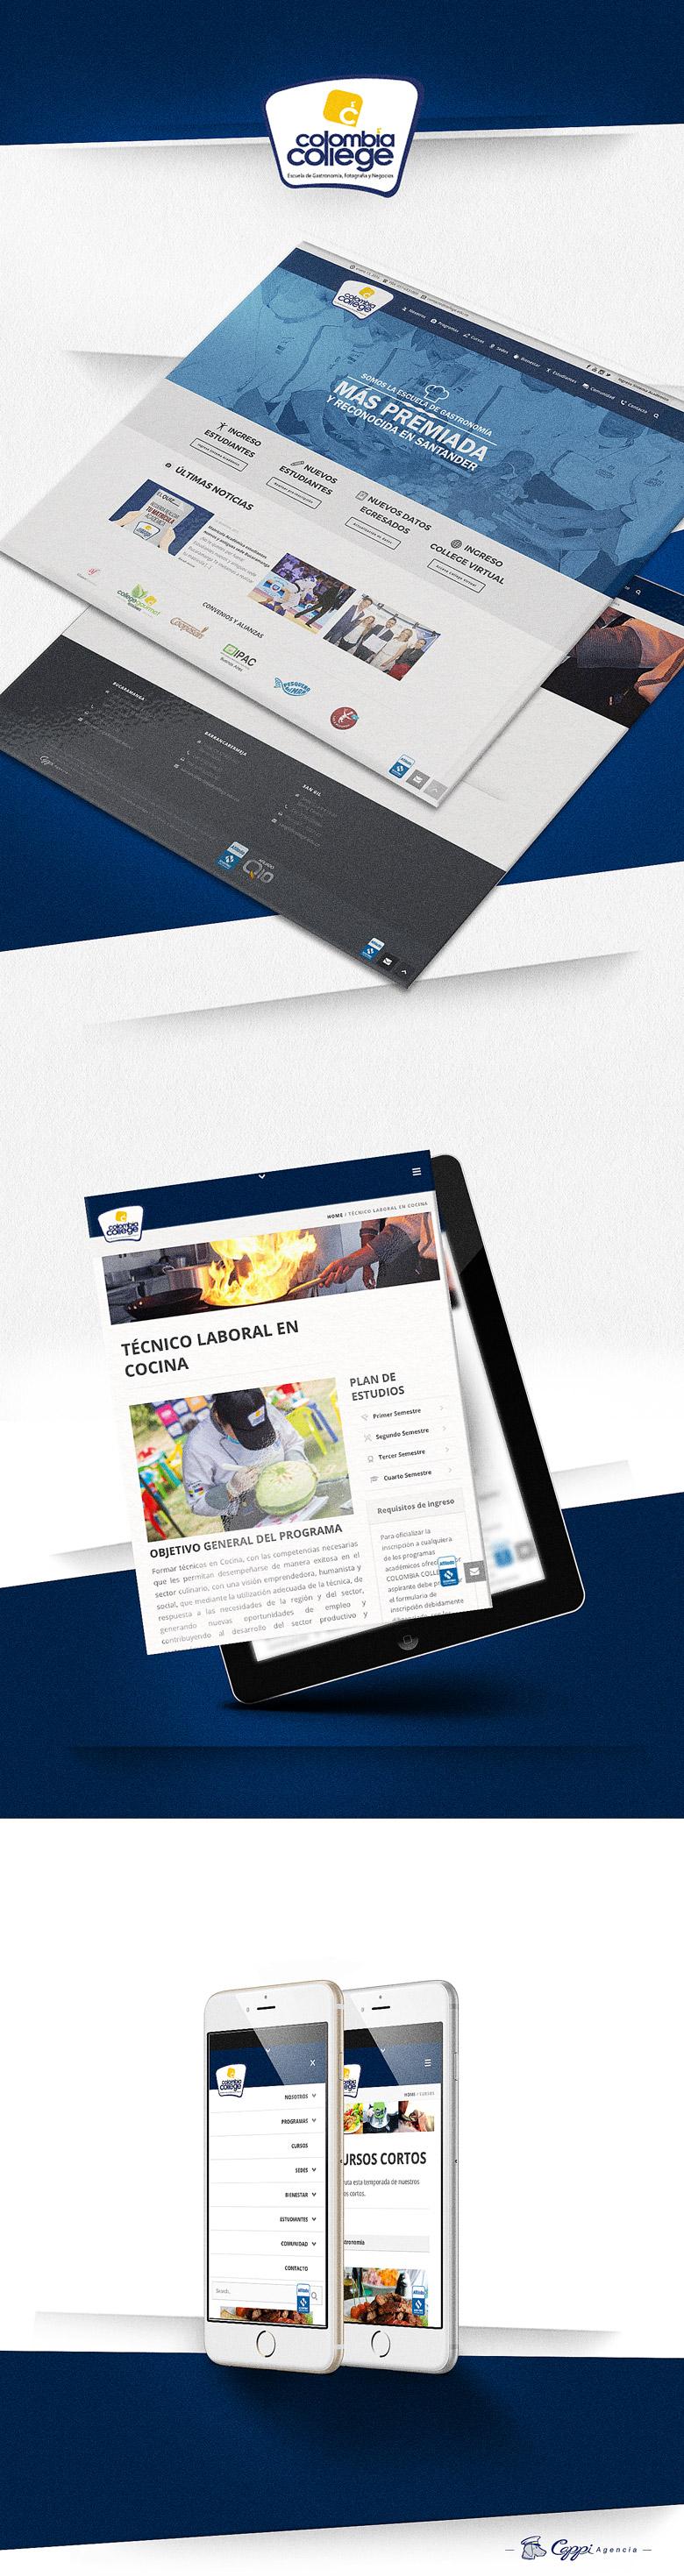 PAGINA WEB COLOMBIA COLLEGE